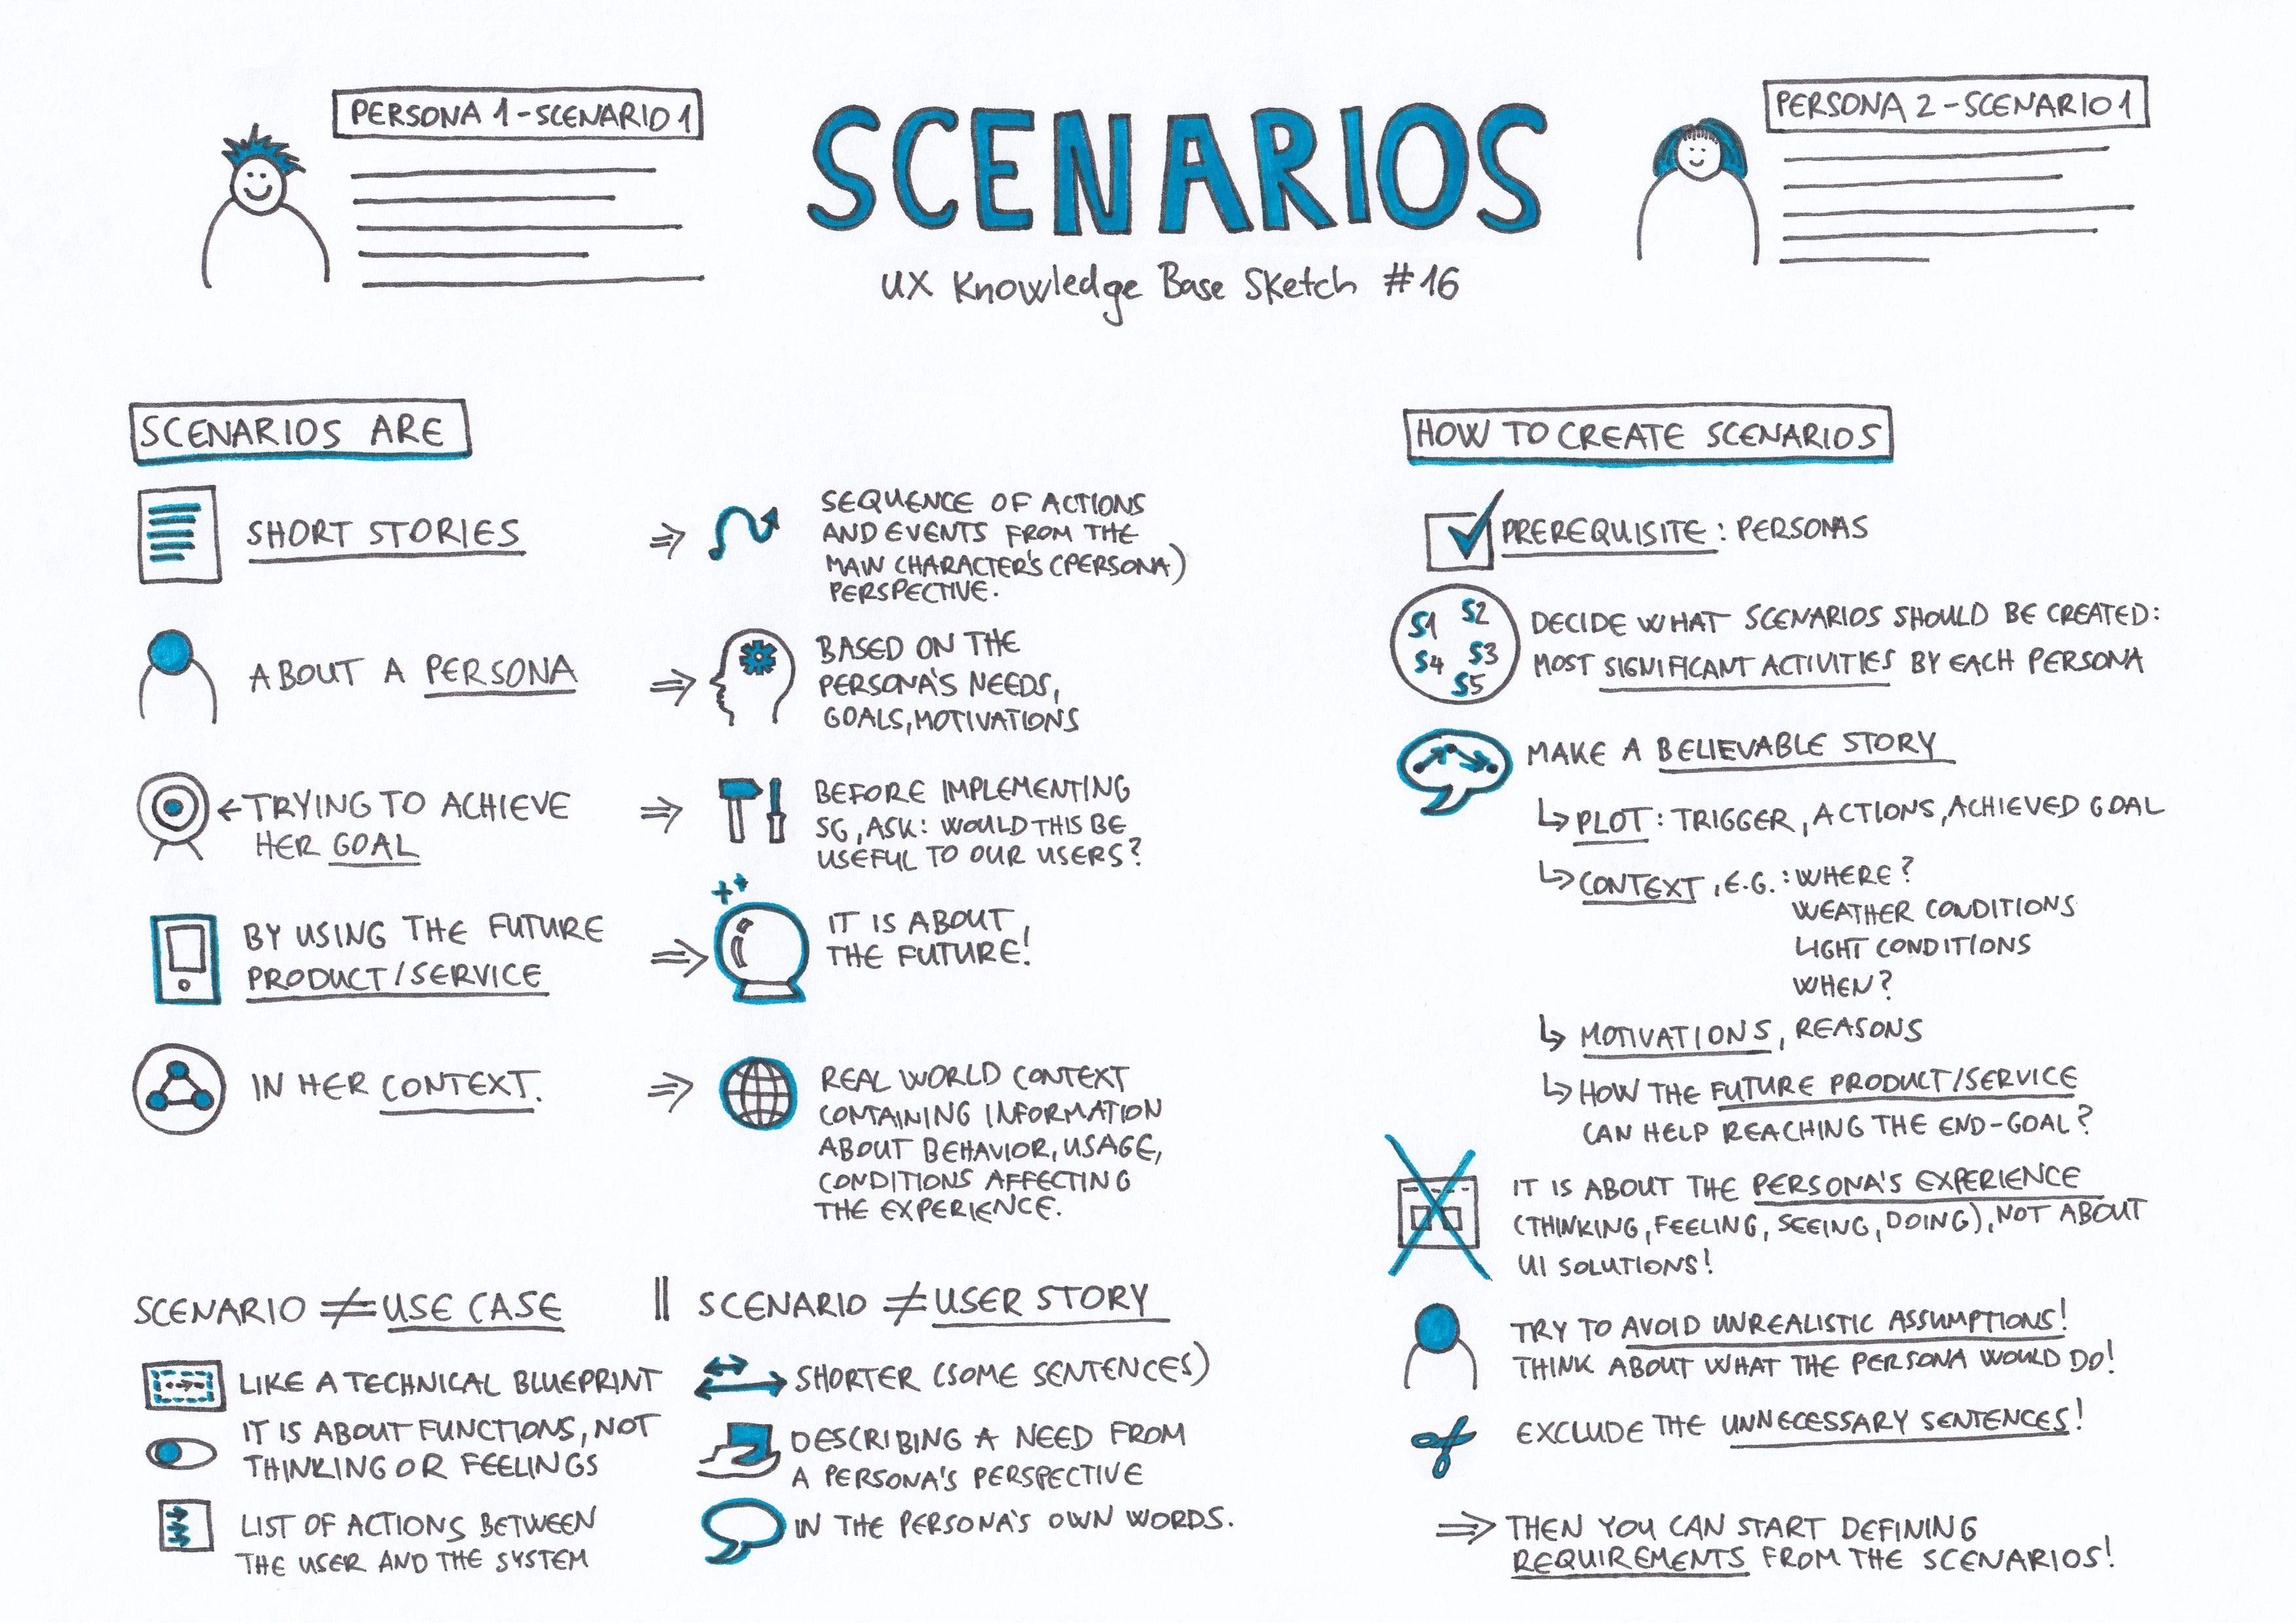 Scenarios Ux Knowledge Base Sketch 16